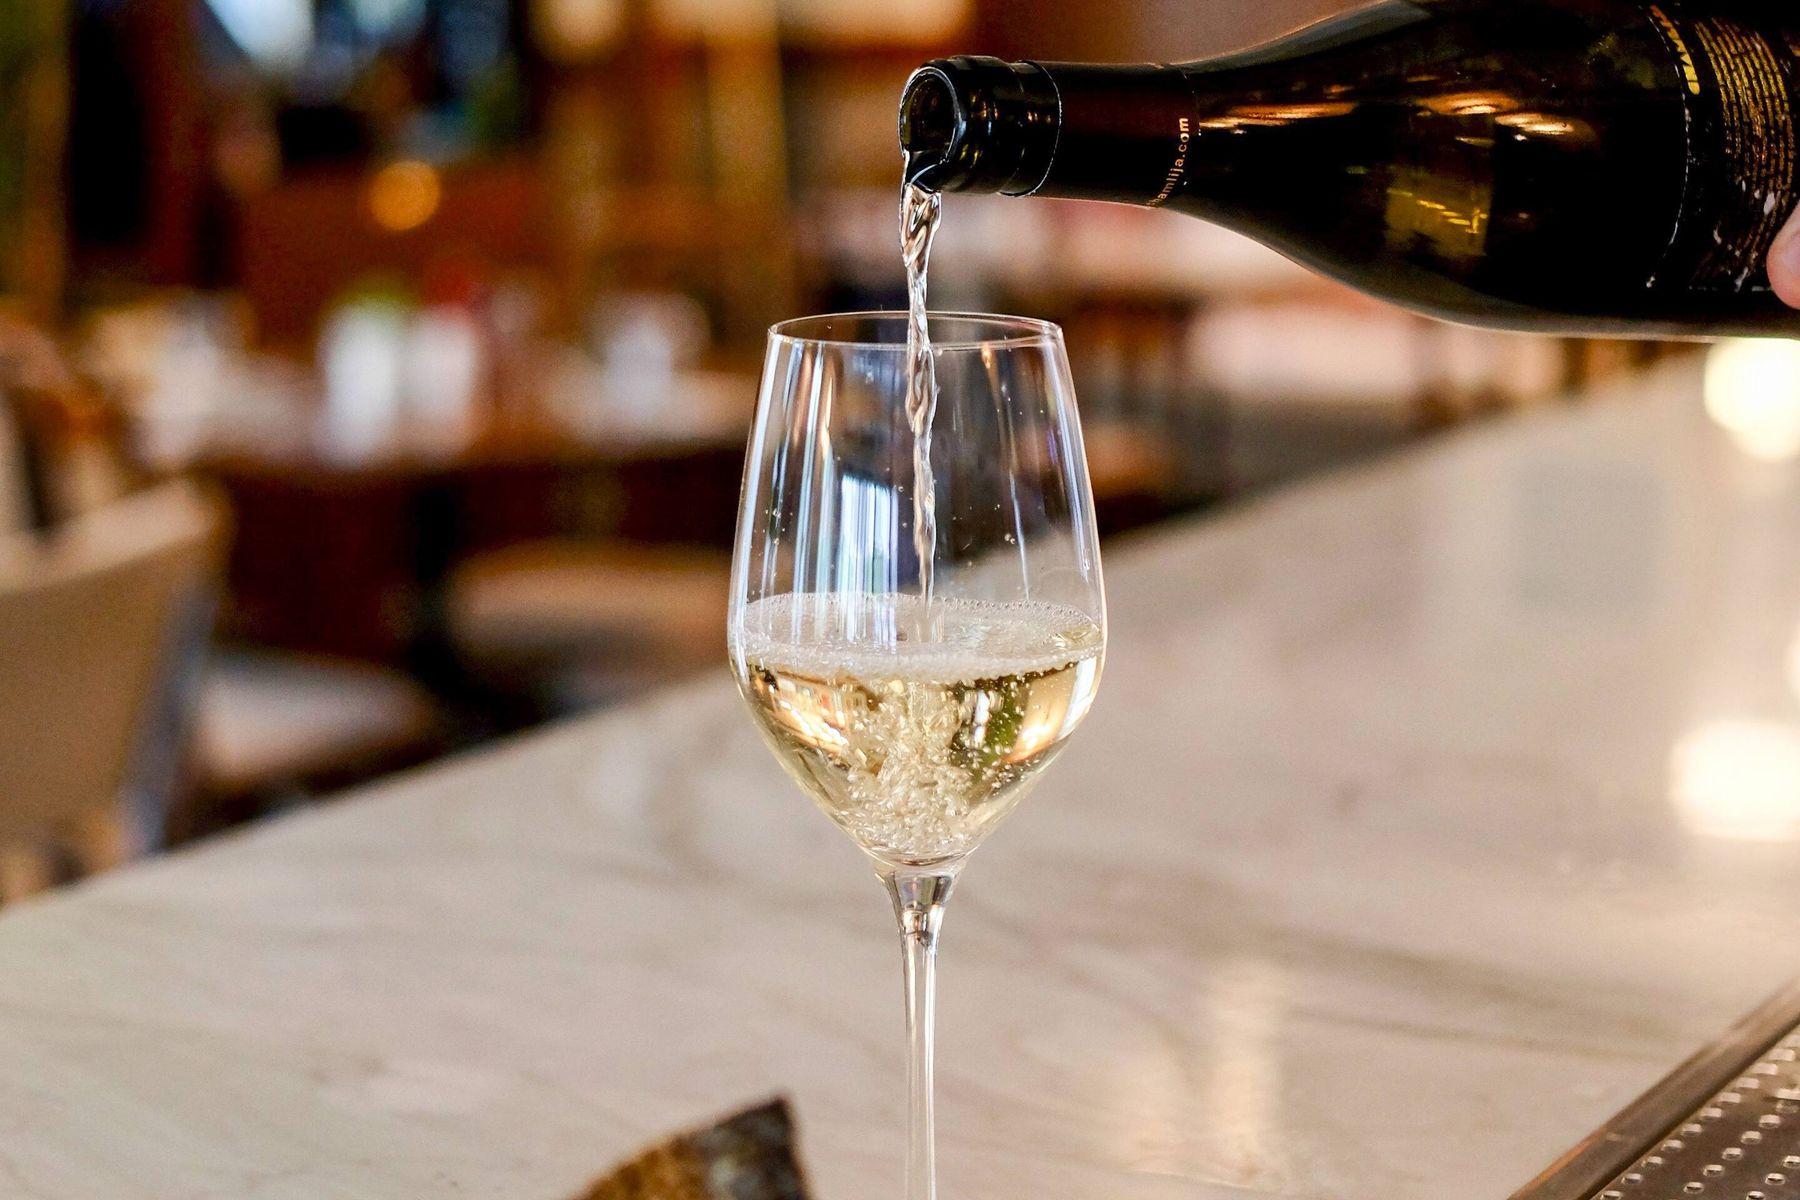 Wein wird in Weinglas eingegossen